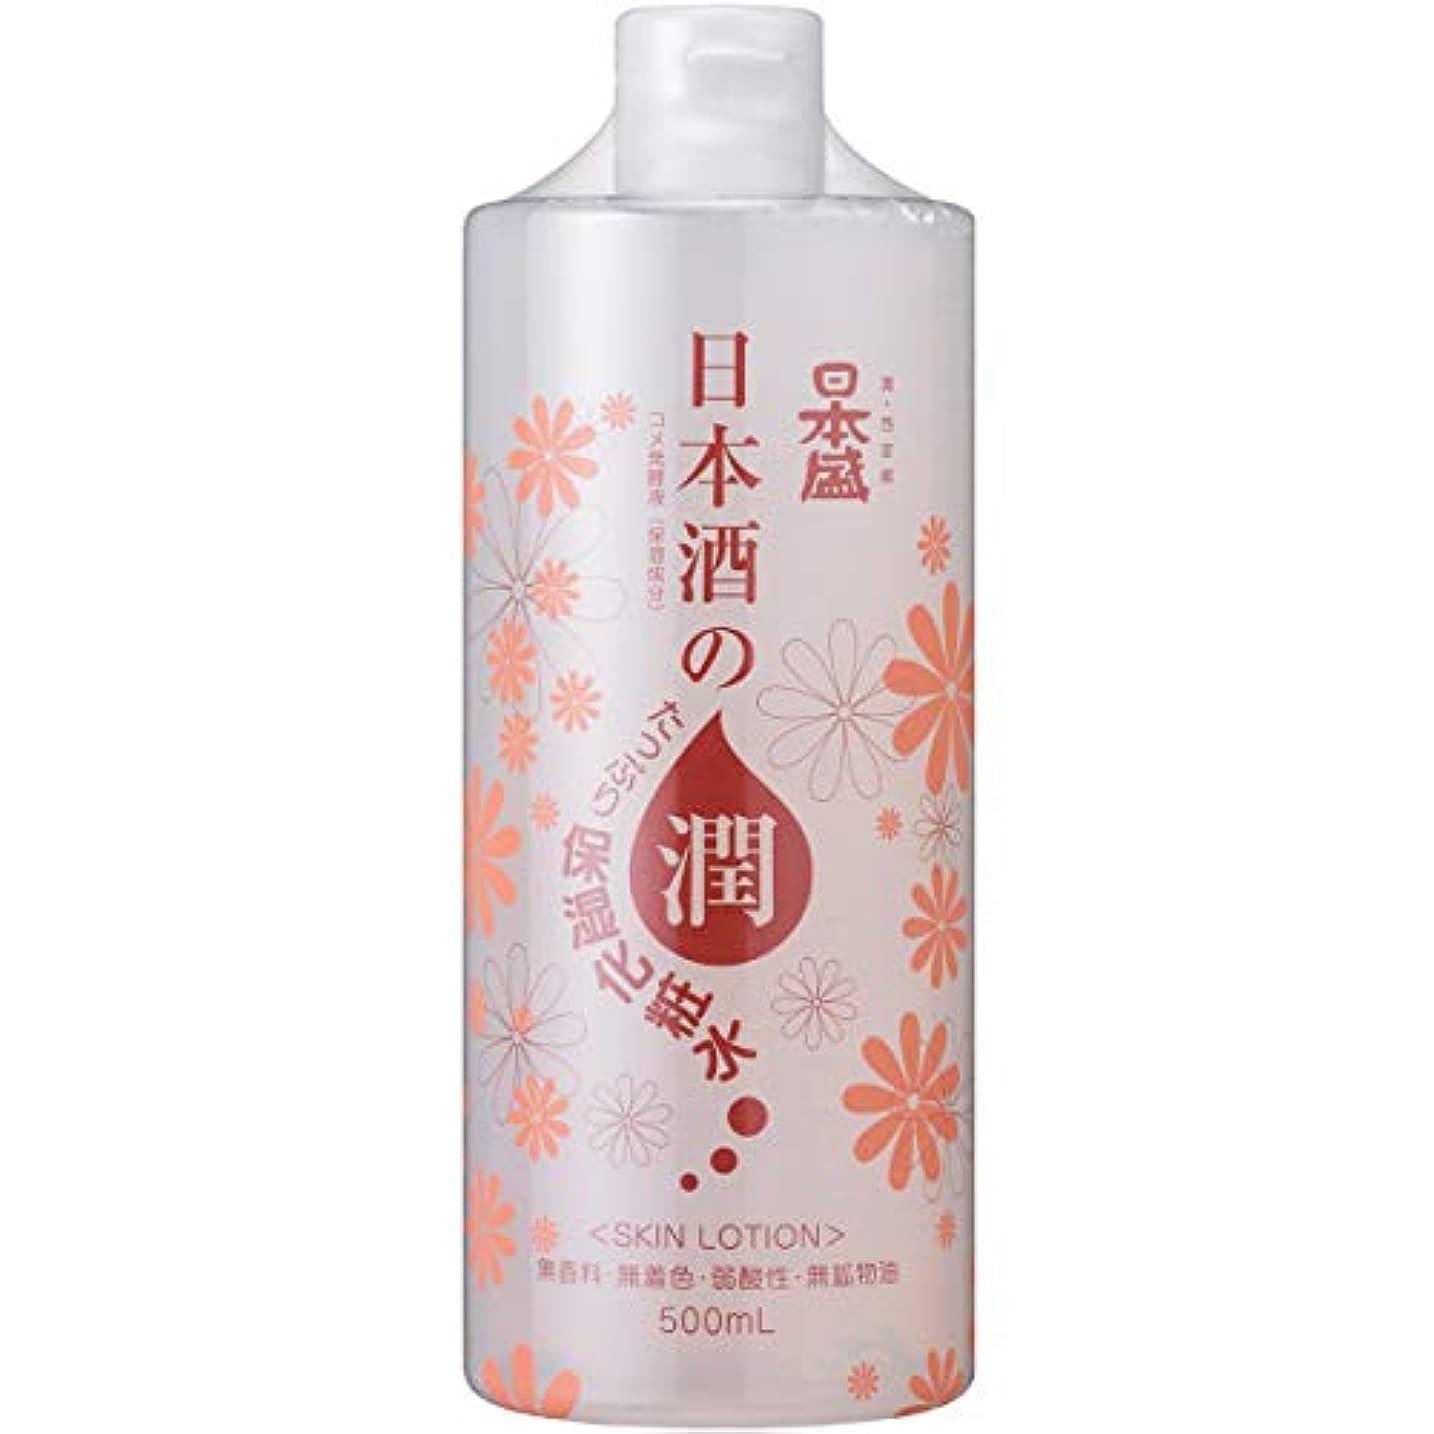 プレミア保持するのぞき穴日本酒の保湿化粧水 500mL